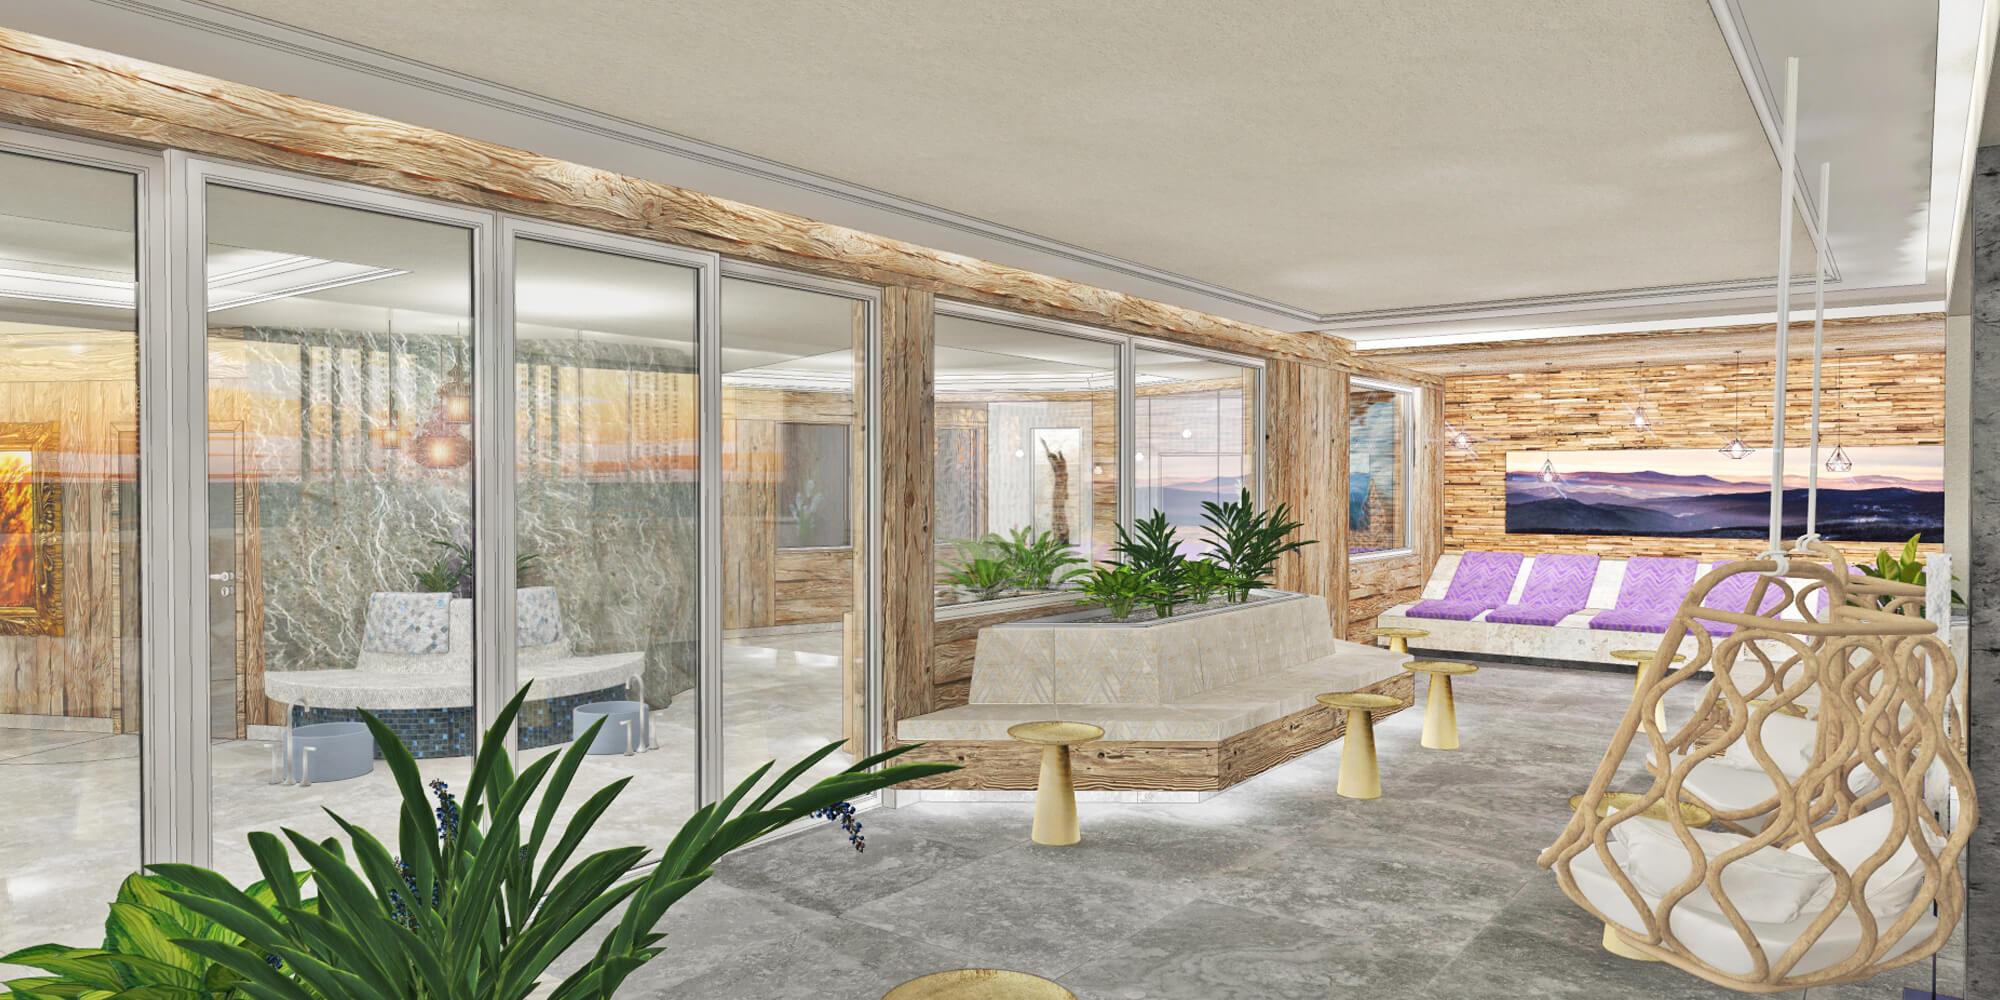 Crea-Plan-Design-Rauch-Frühmann-Architektur-Innenarchitektur-Design-Projekt-Referenz-Hotelerie-Gastronomie-Hotel-Bergknappenhof-Freiluftbereich-2